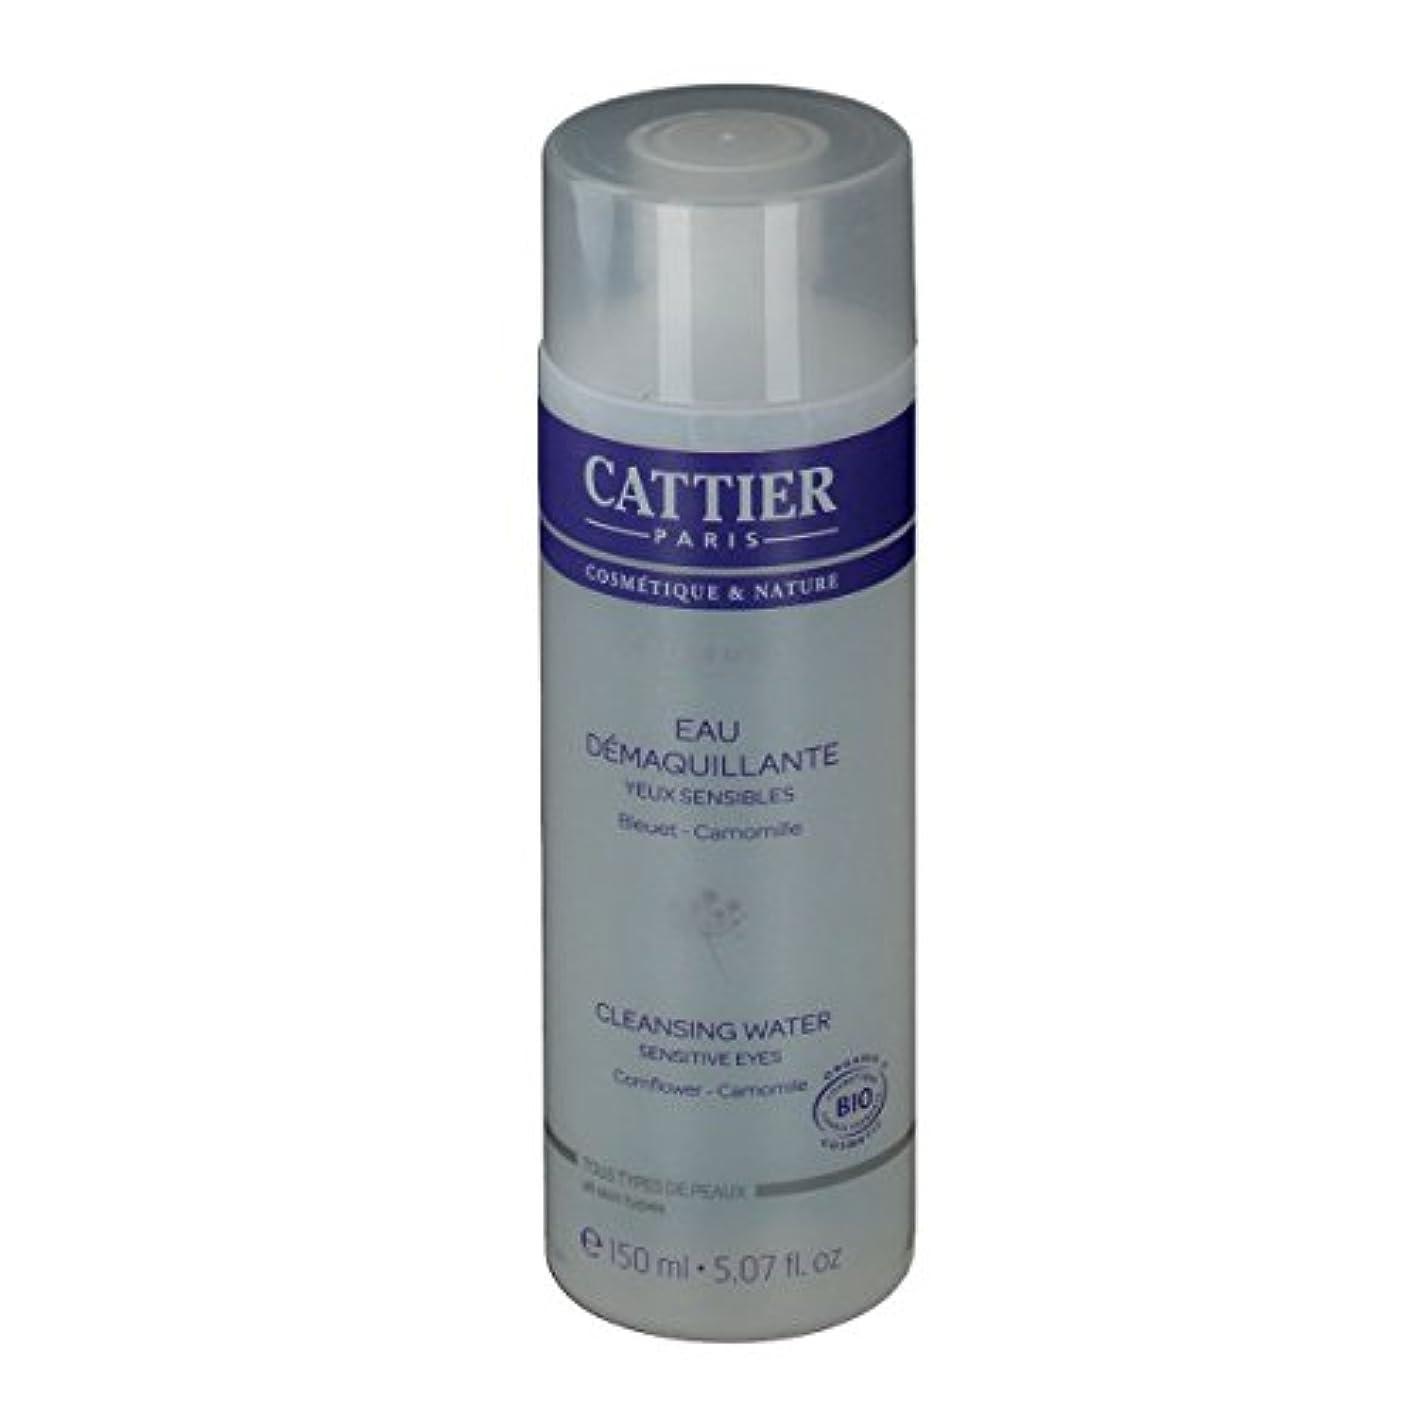 代表打撃楕円形Cattier Cleansing Water Eyes 150ml [並行輸入品]